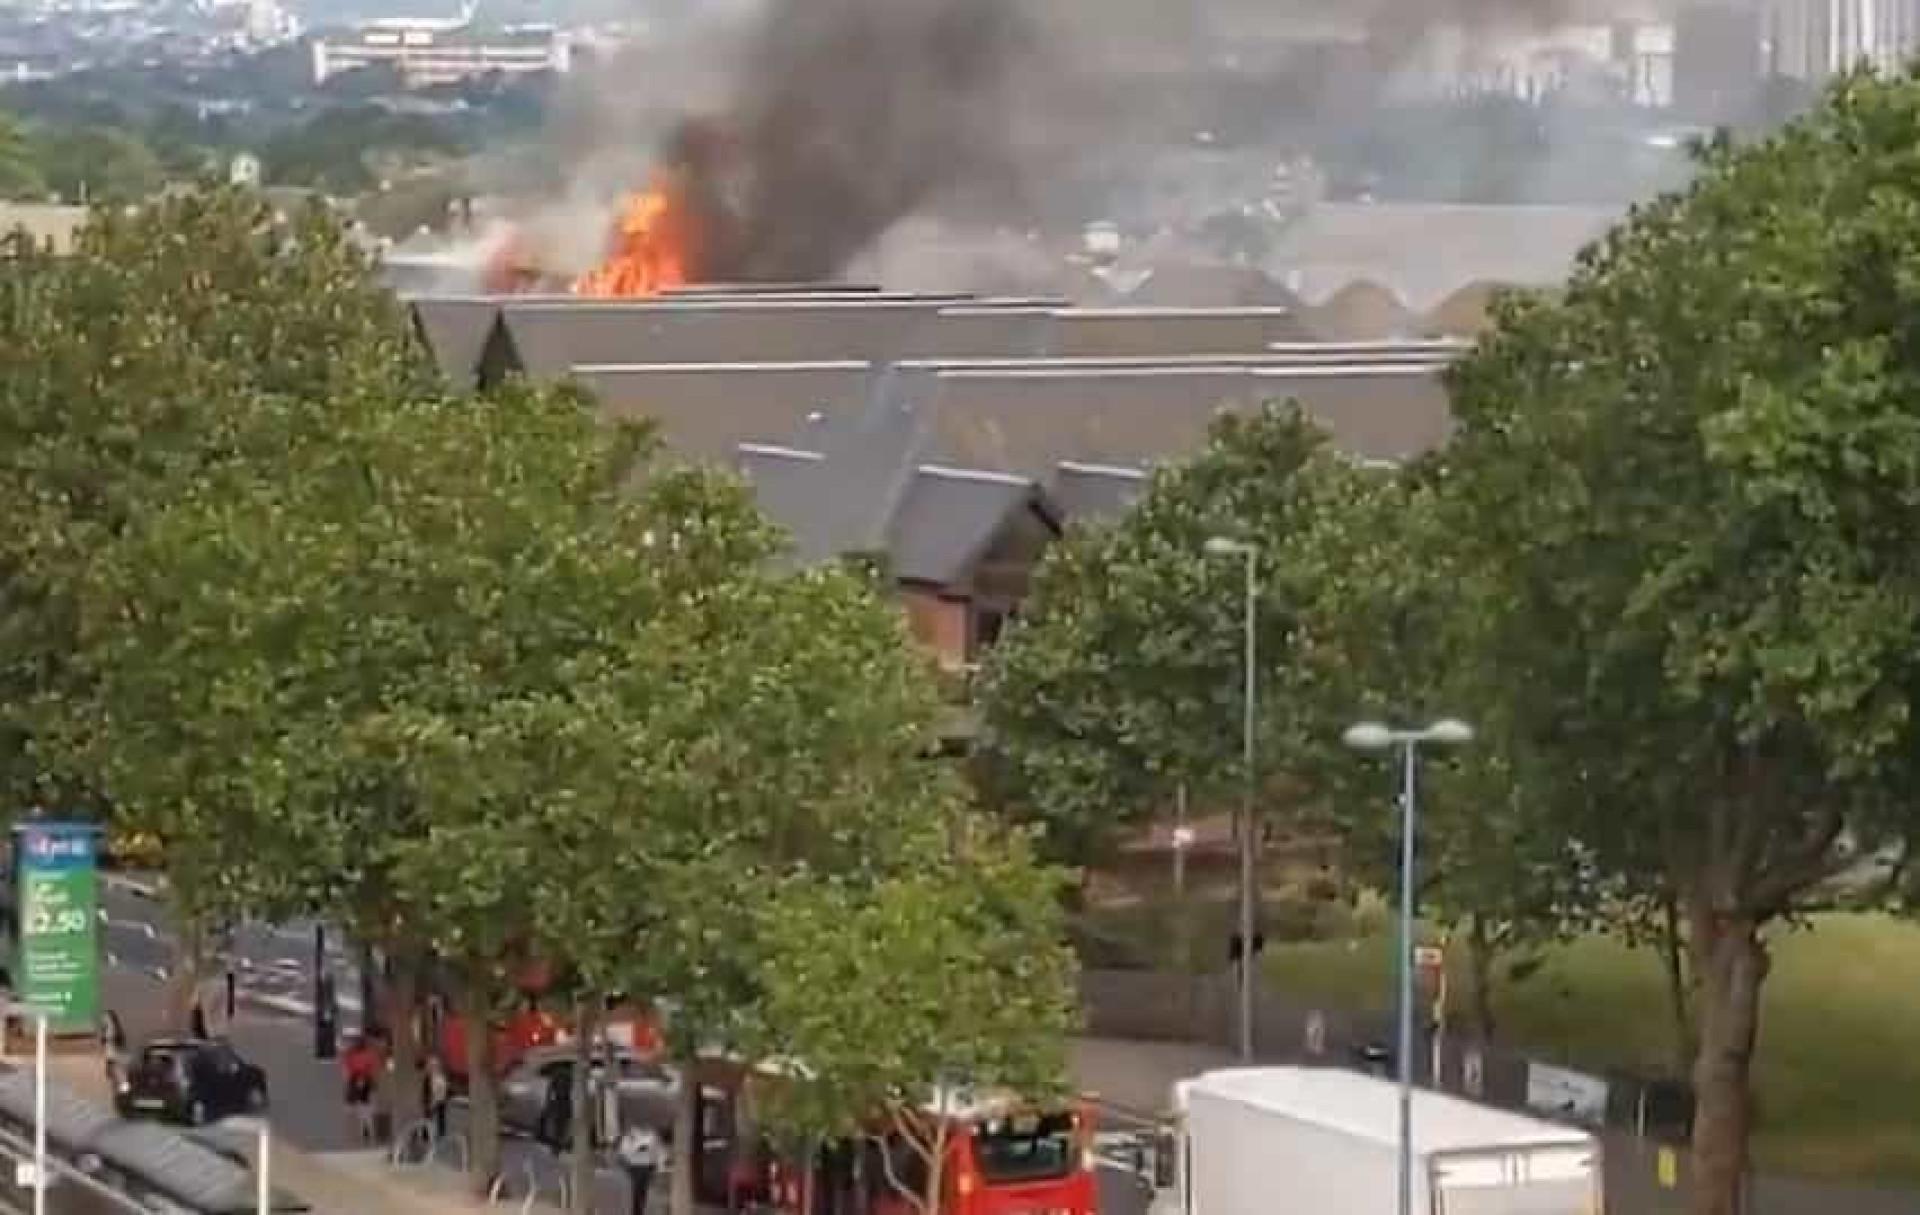 Centro comercial no este de Londres está a arder